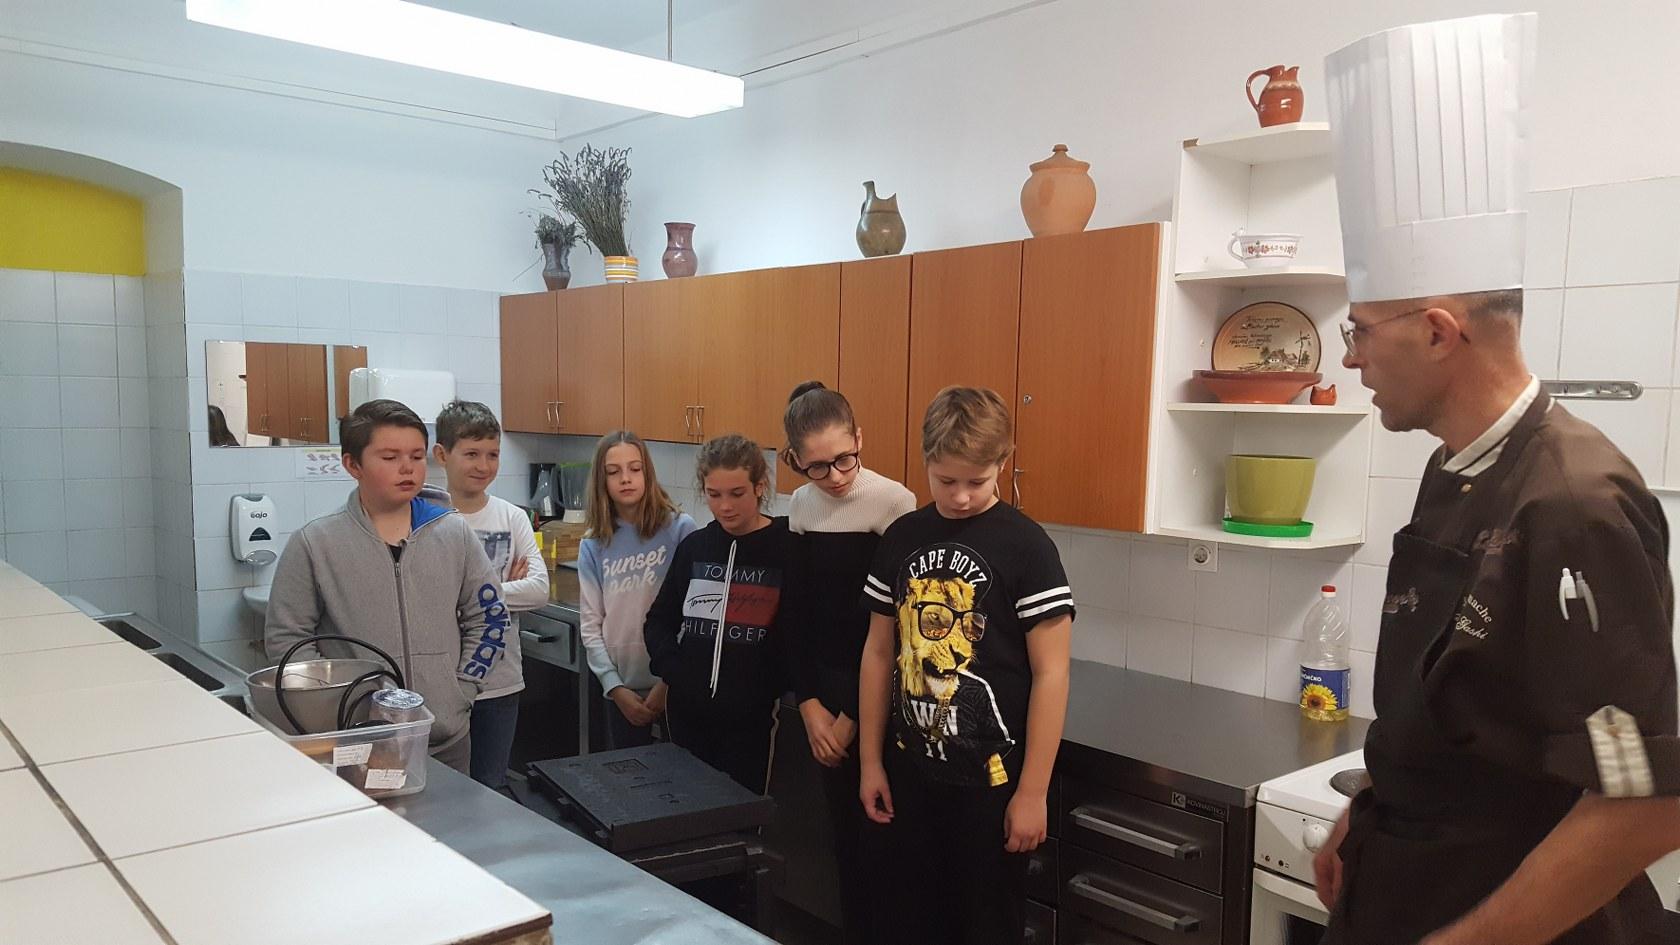 2019_11_12_delavnica_izdelave_cokoladnih_pralin-6